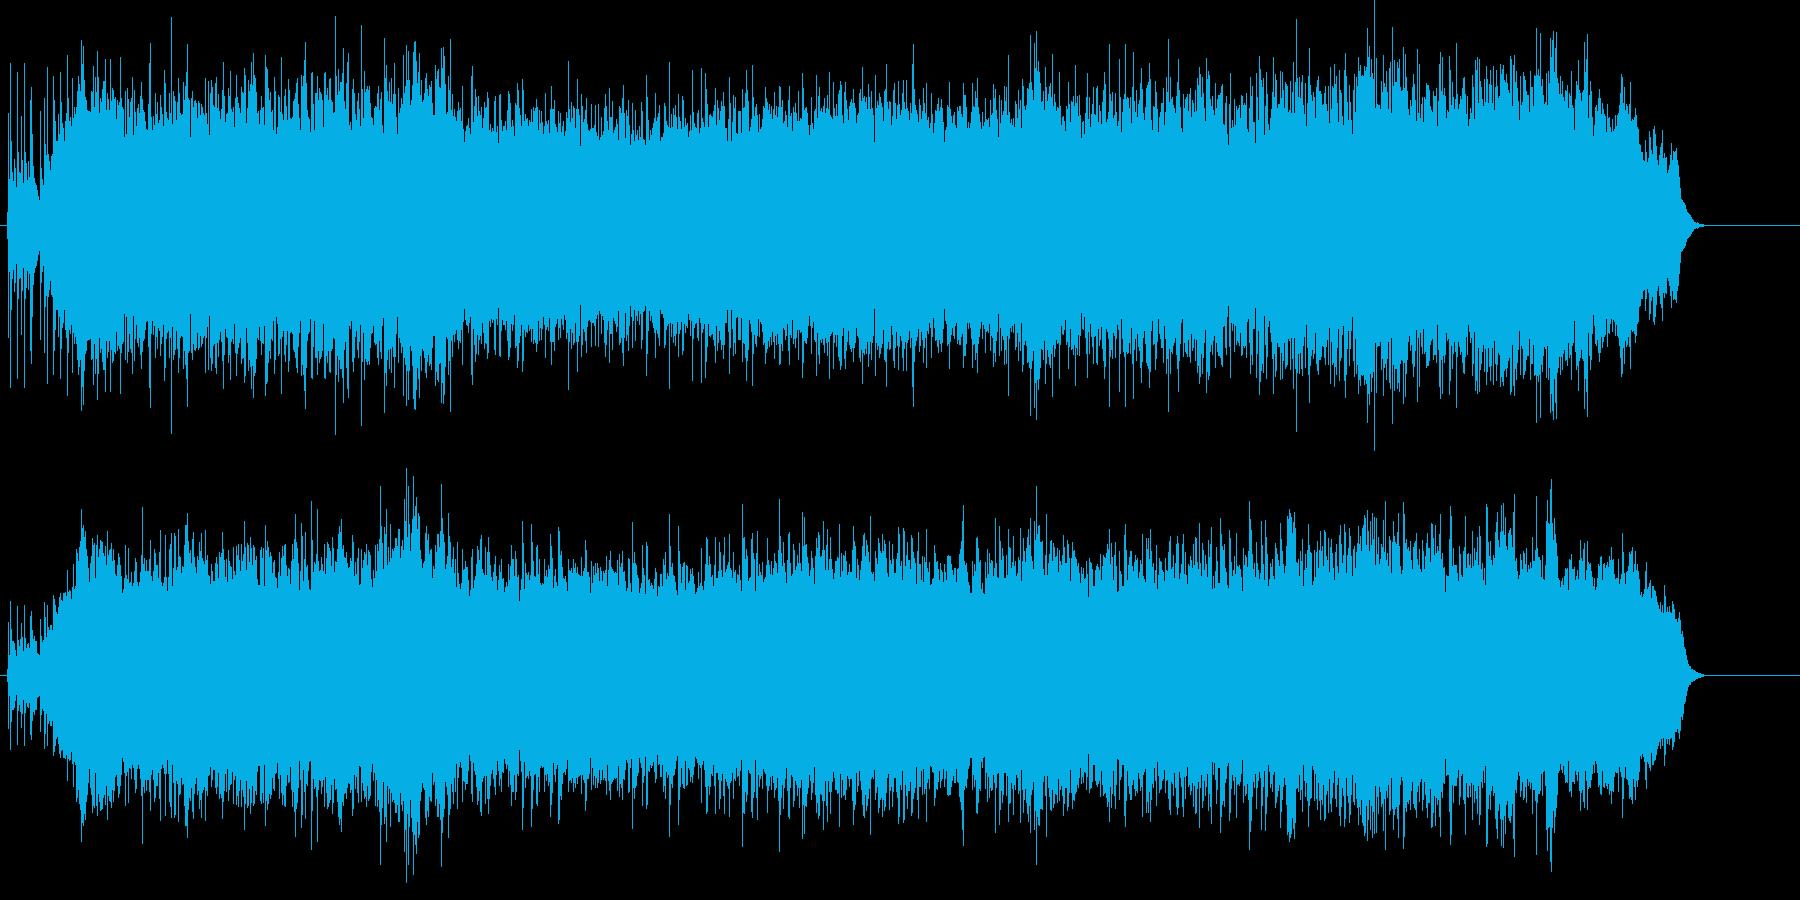 壮大なドキュメント映像向きで力強いBGMの再生済みの波形